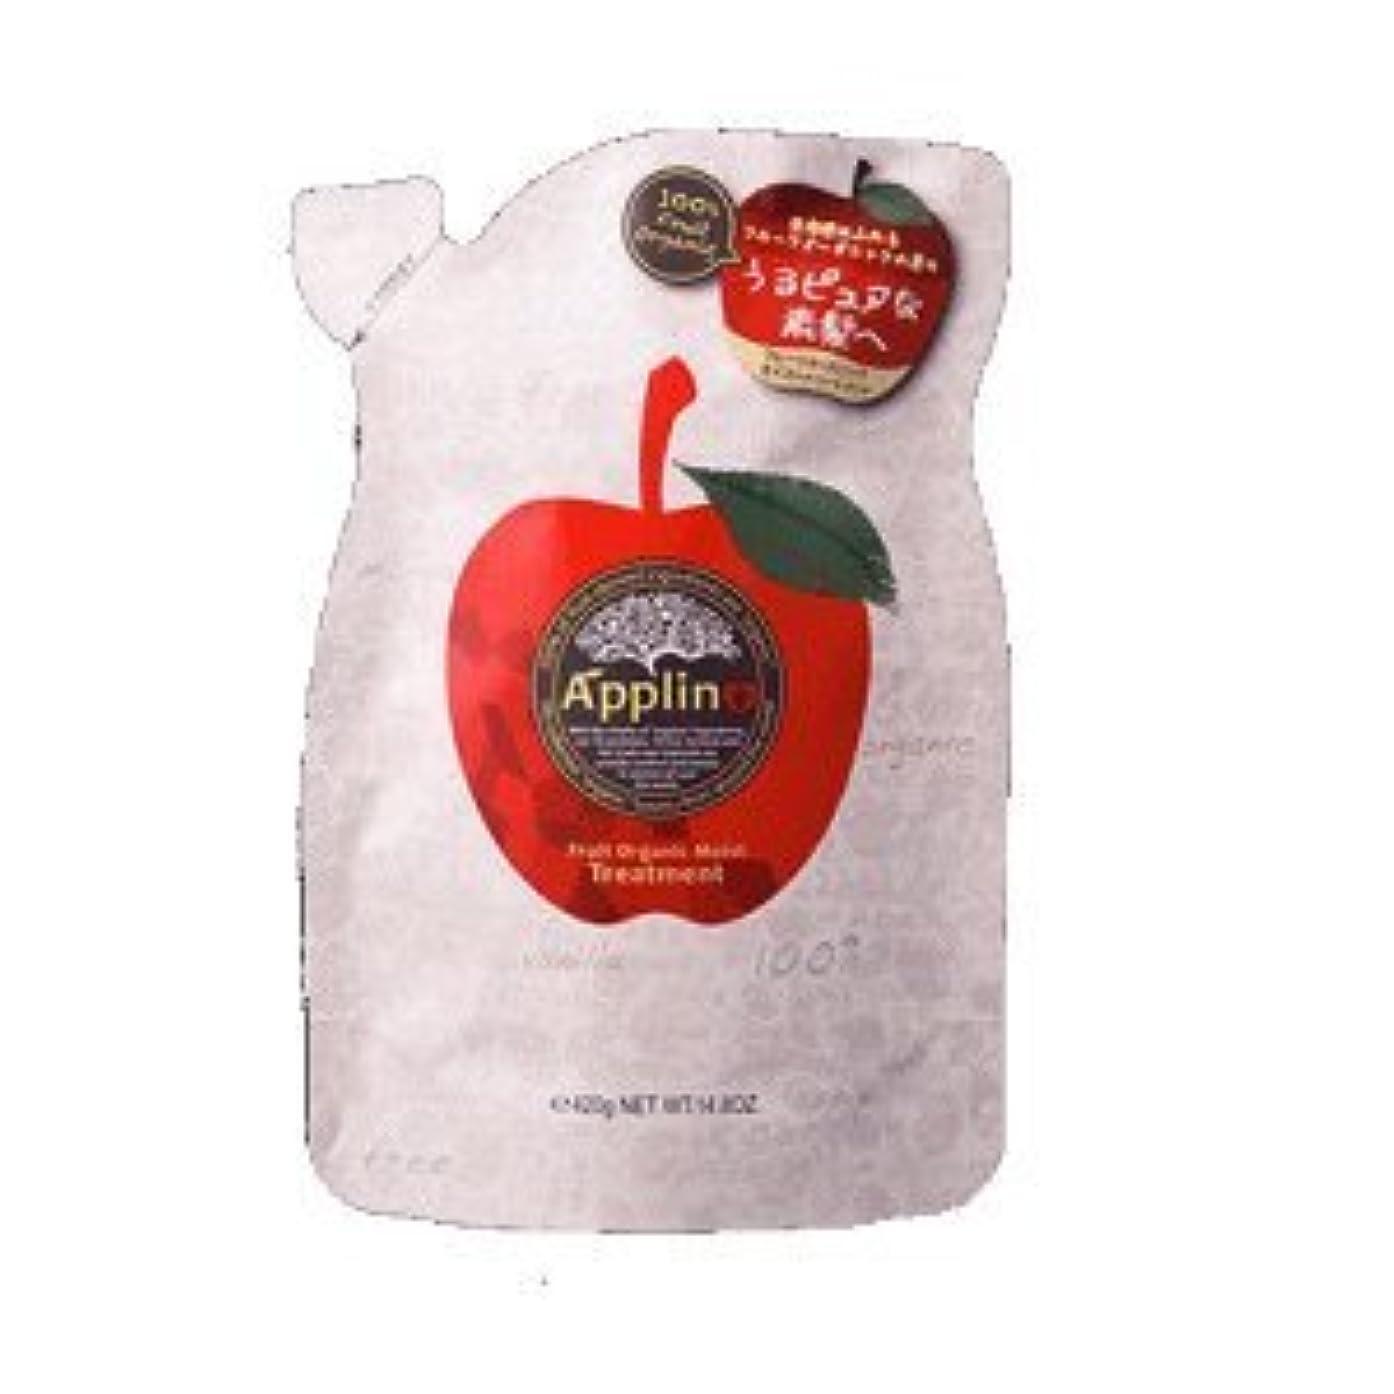 ベーネ(BENE) Applino(アップリノ)  フルーツオーガニックモイストトリートメント つめかえ用 420ml